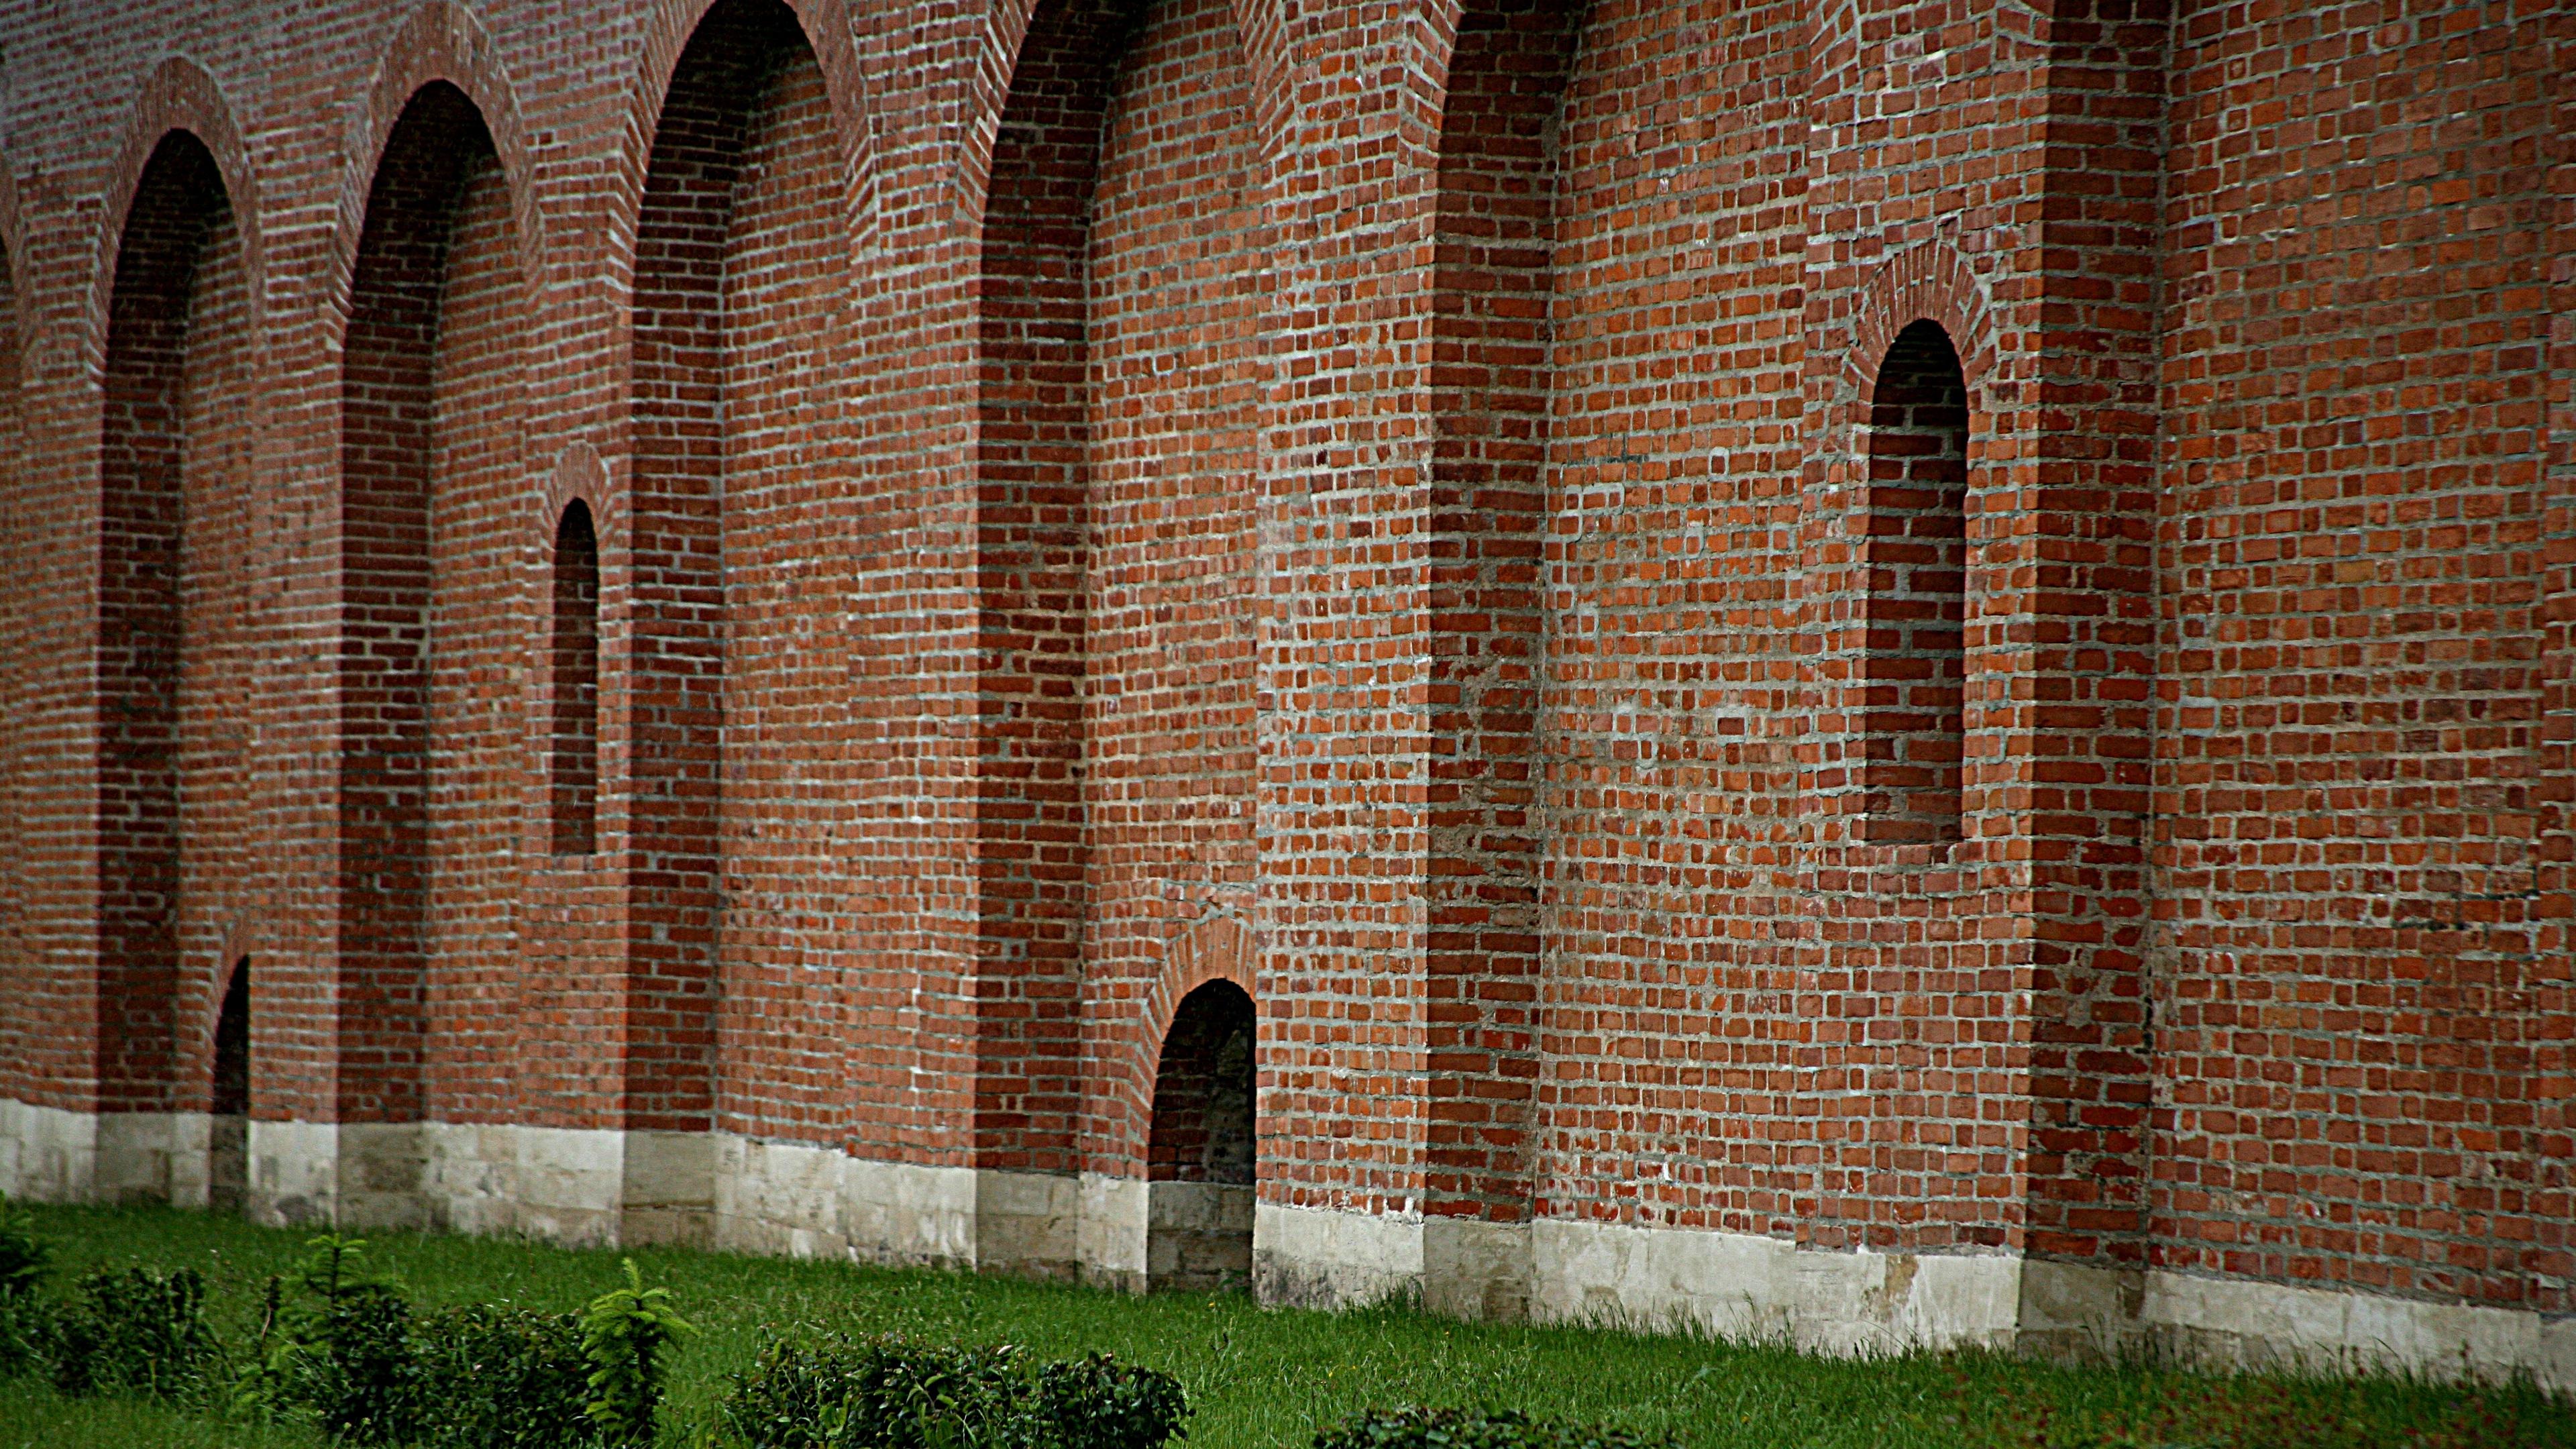 smolensk city fortress wall 4k 1538066286 - smolensk, city, fortress wall 4k - smolensk, fortress wall, City